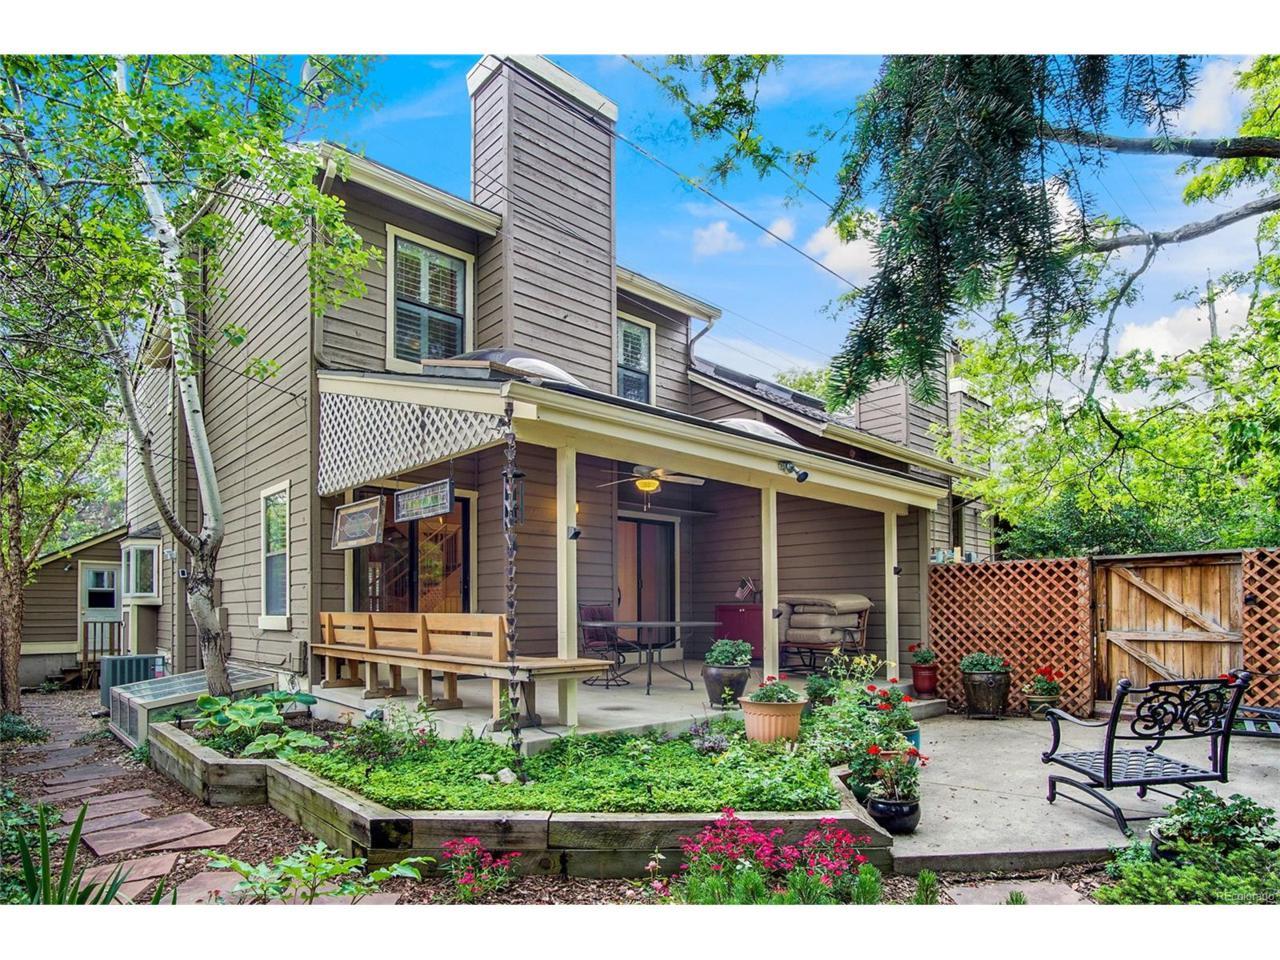 231 S Monaco Parkway, Denver, CO 80224 (MLS #1908827) :: 8z Real Estate